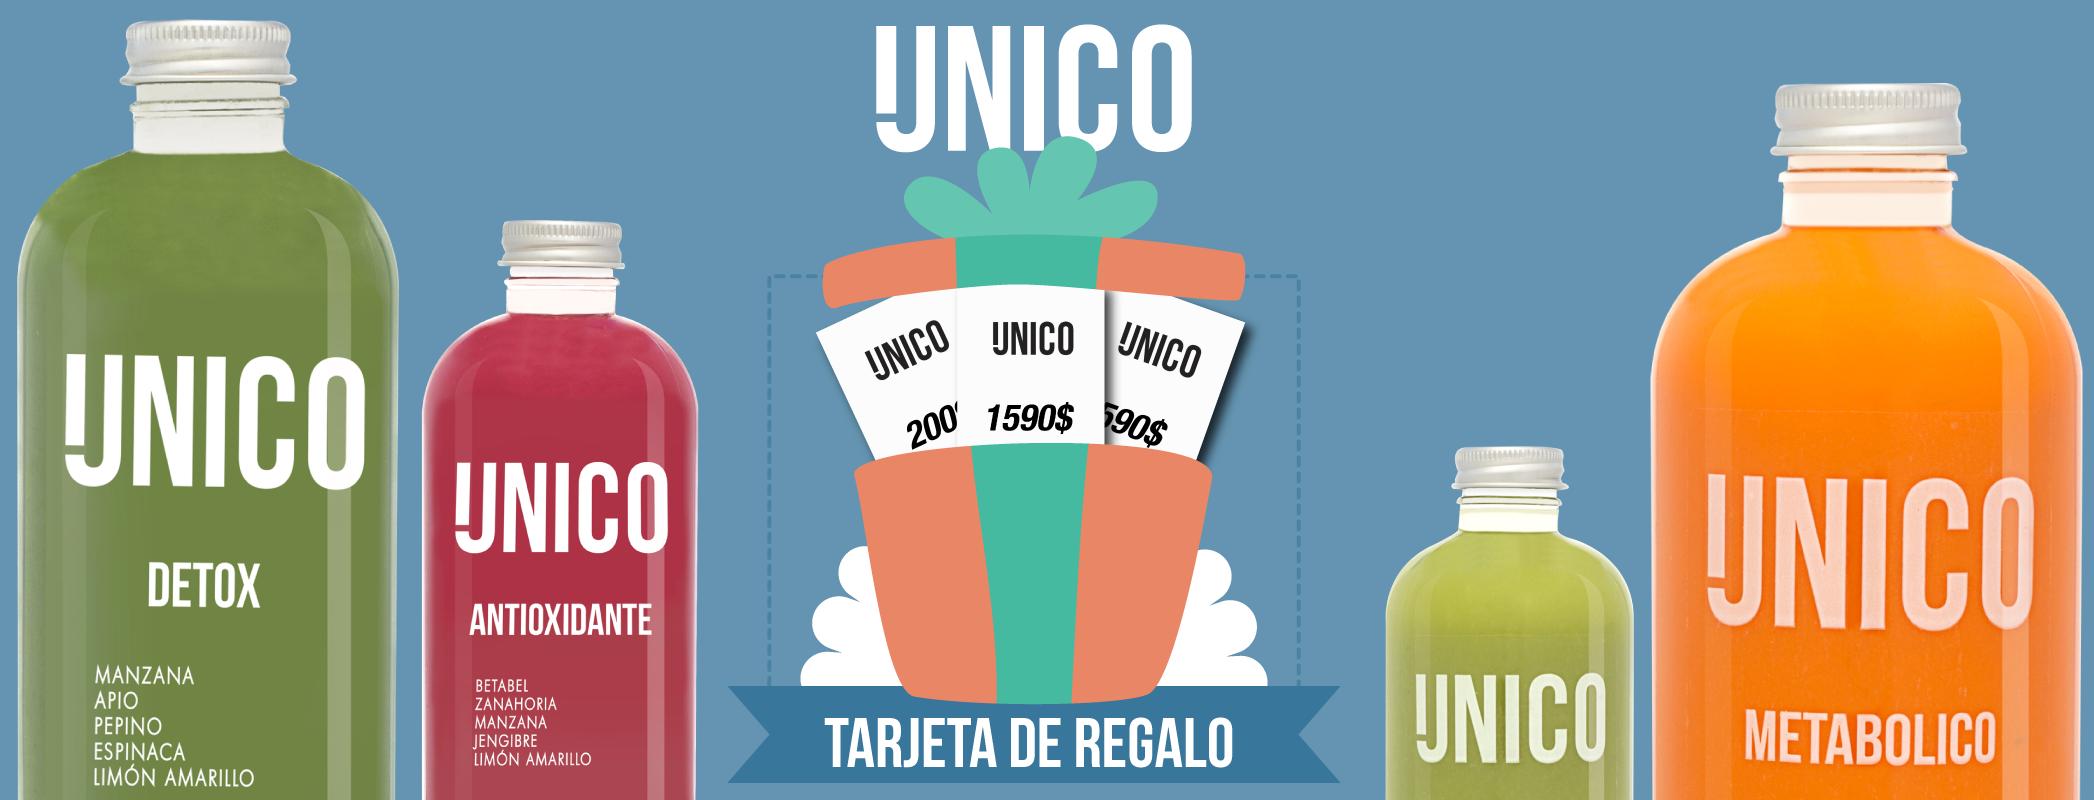 Unico Detox - Tarjeta de Regalo